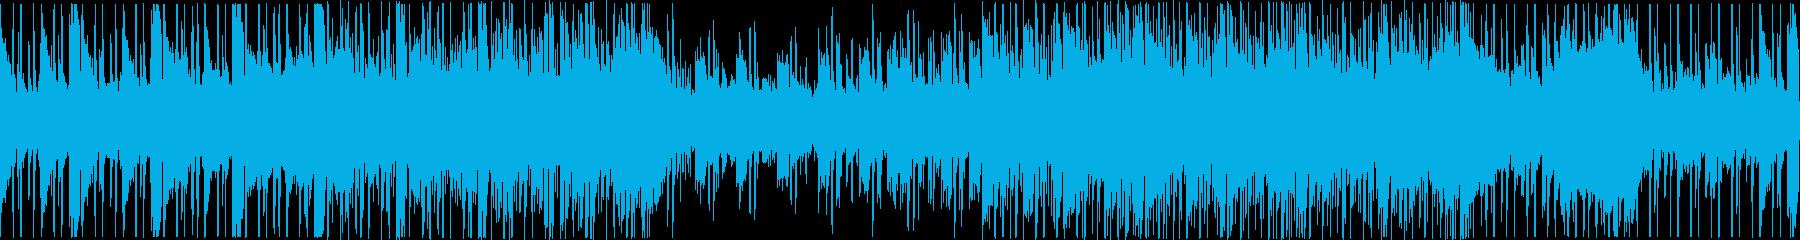 【ループ】シンセ/落ち着いた曲調/お洒落の再生済みの波形